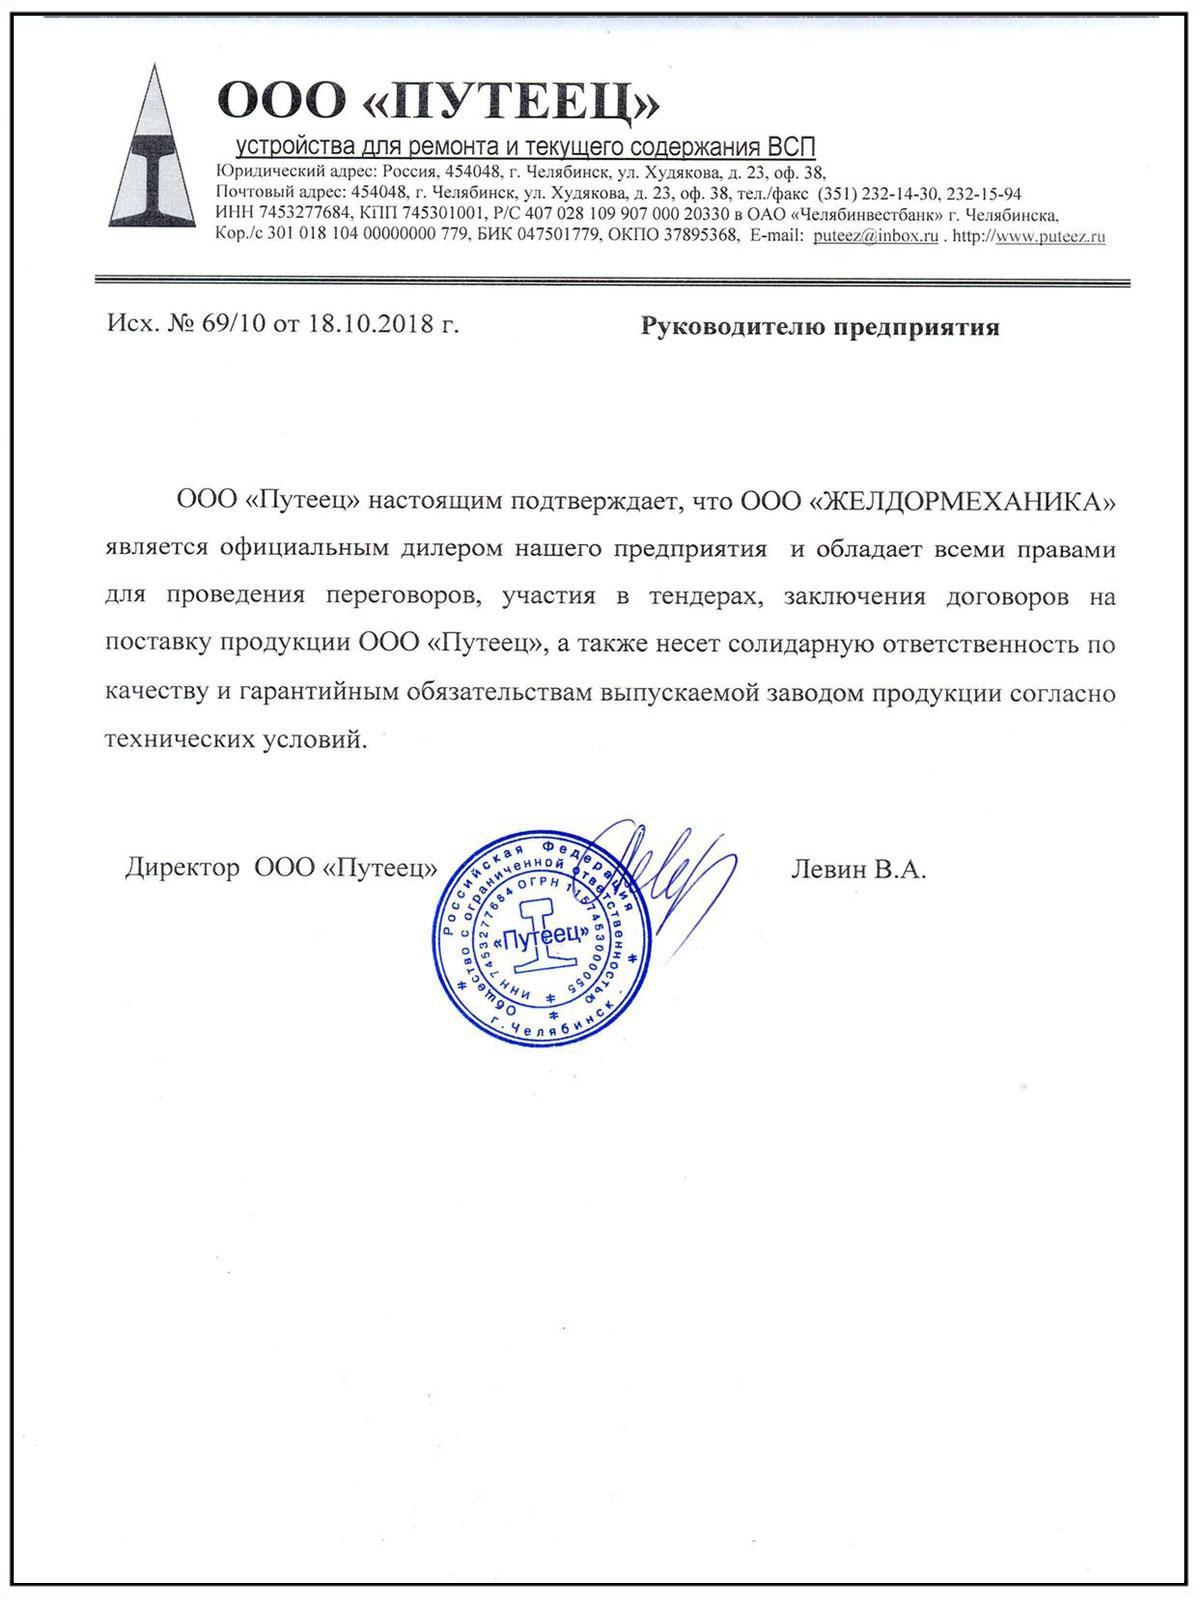 Сертификат официального дилера завода Путеец